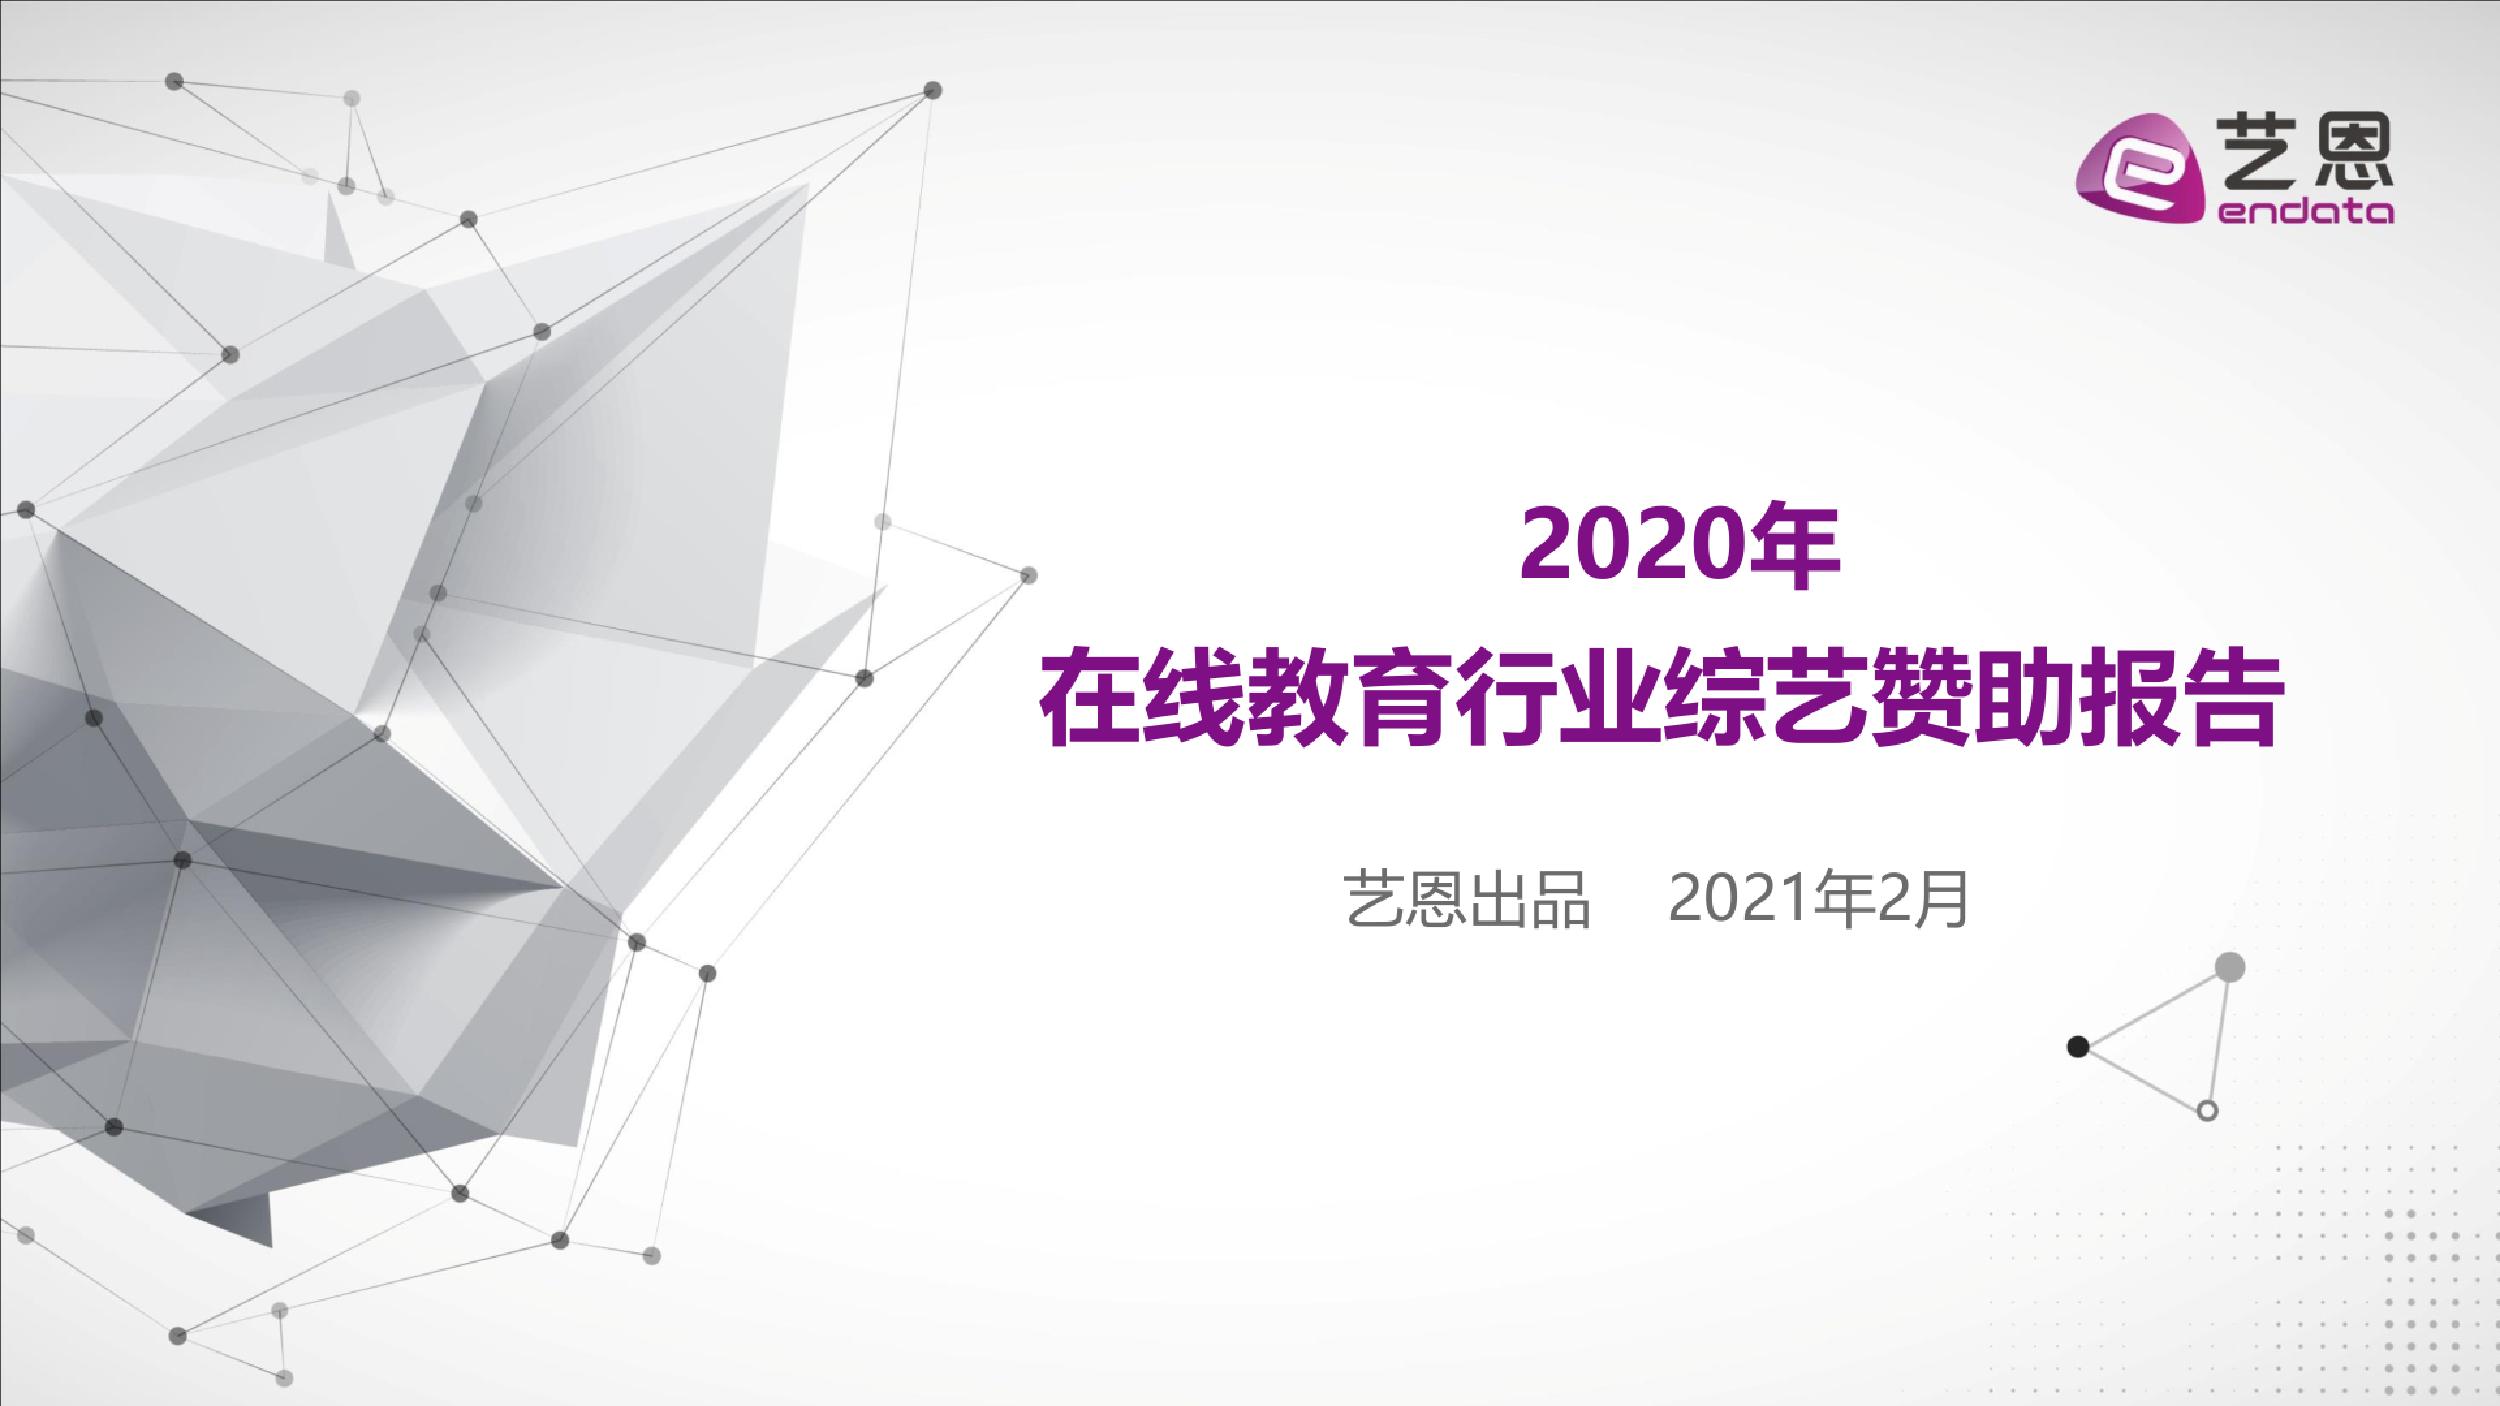 2020年在线教育行业综艺赞助报告